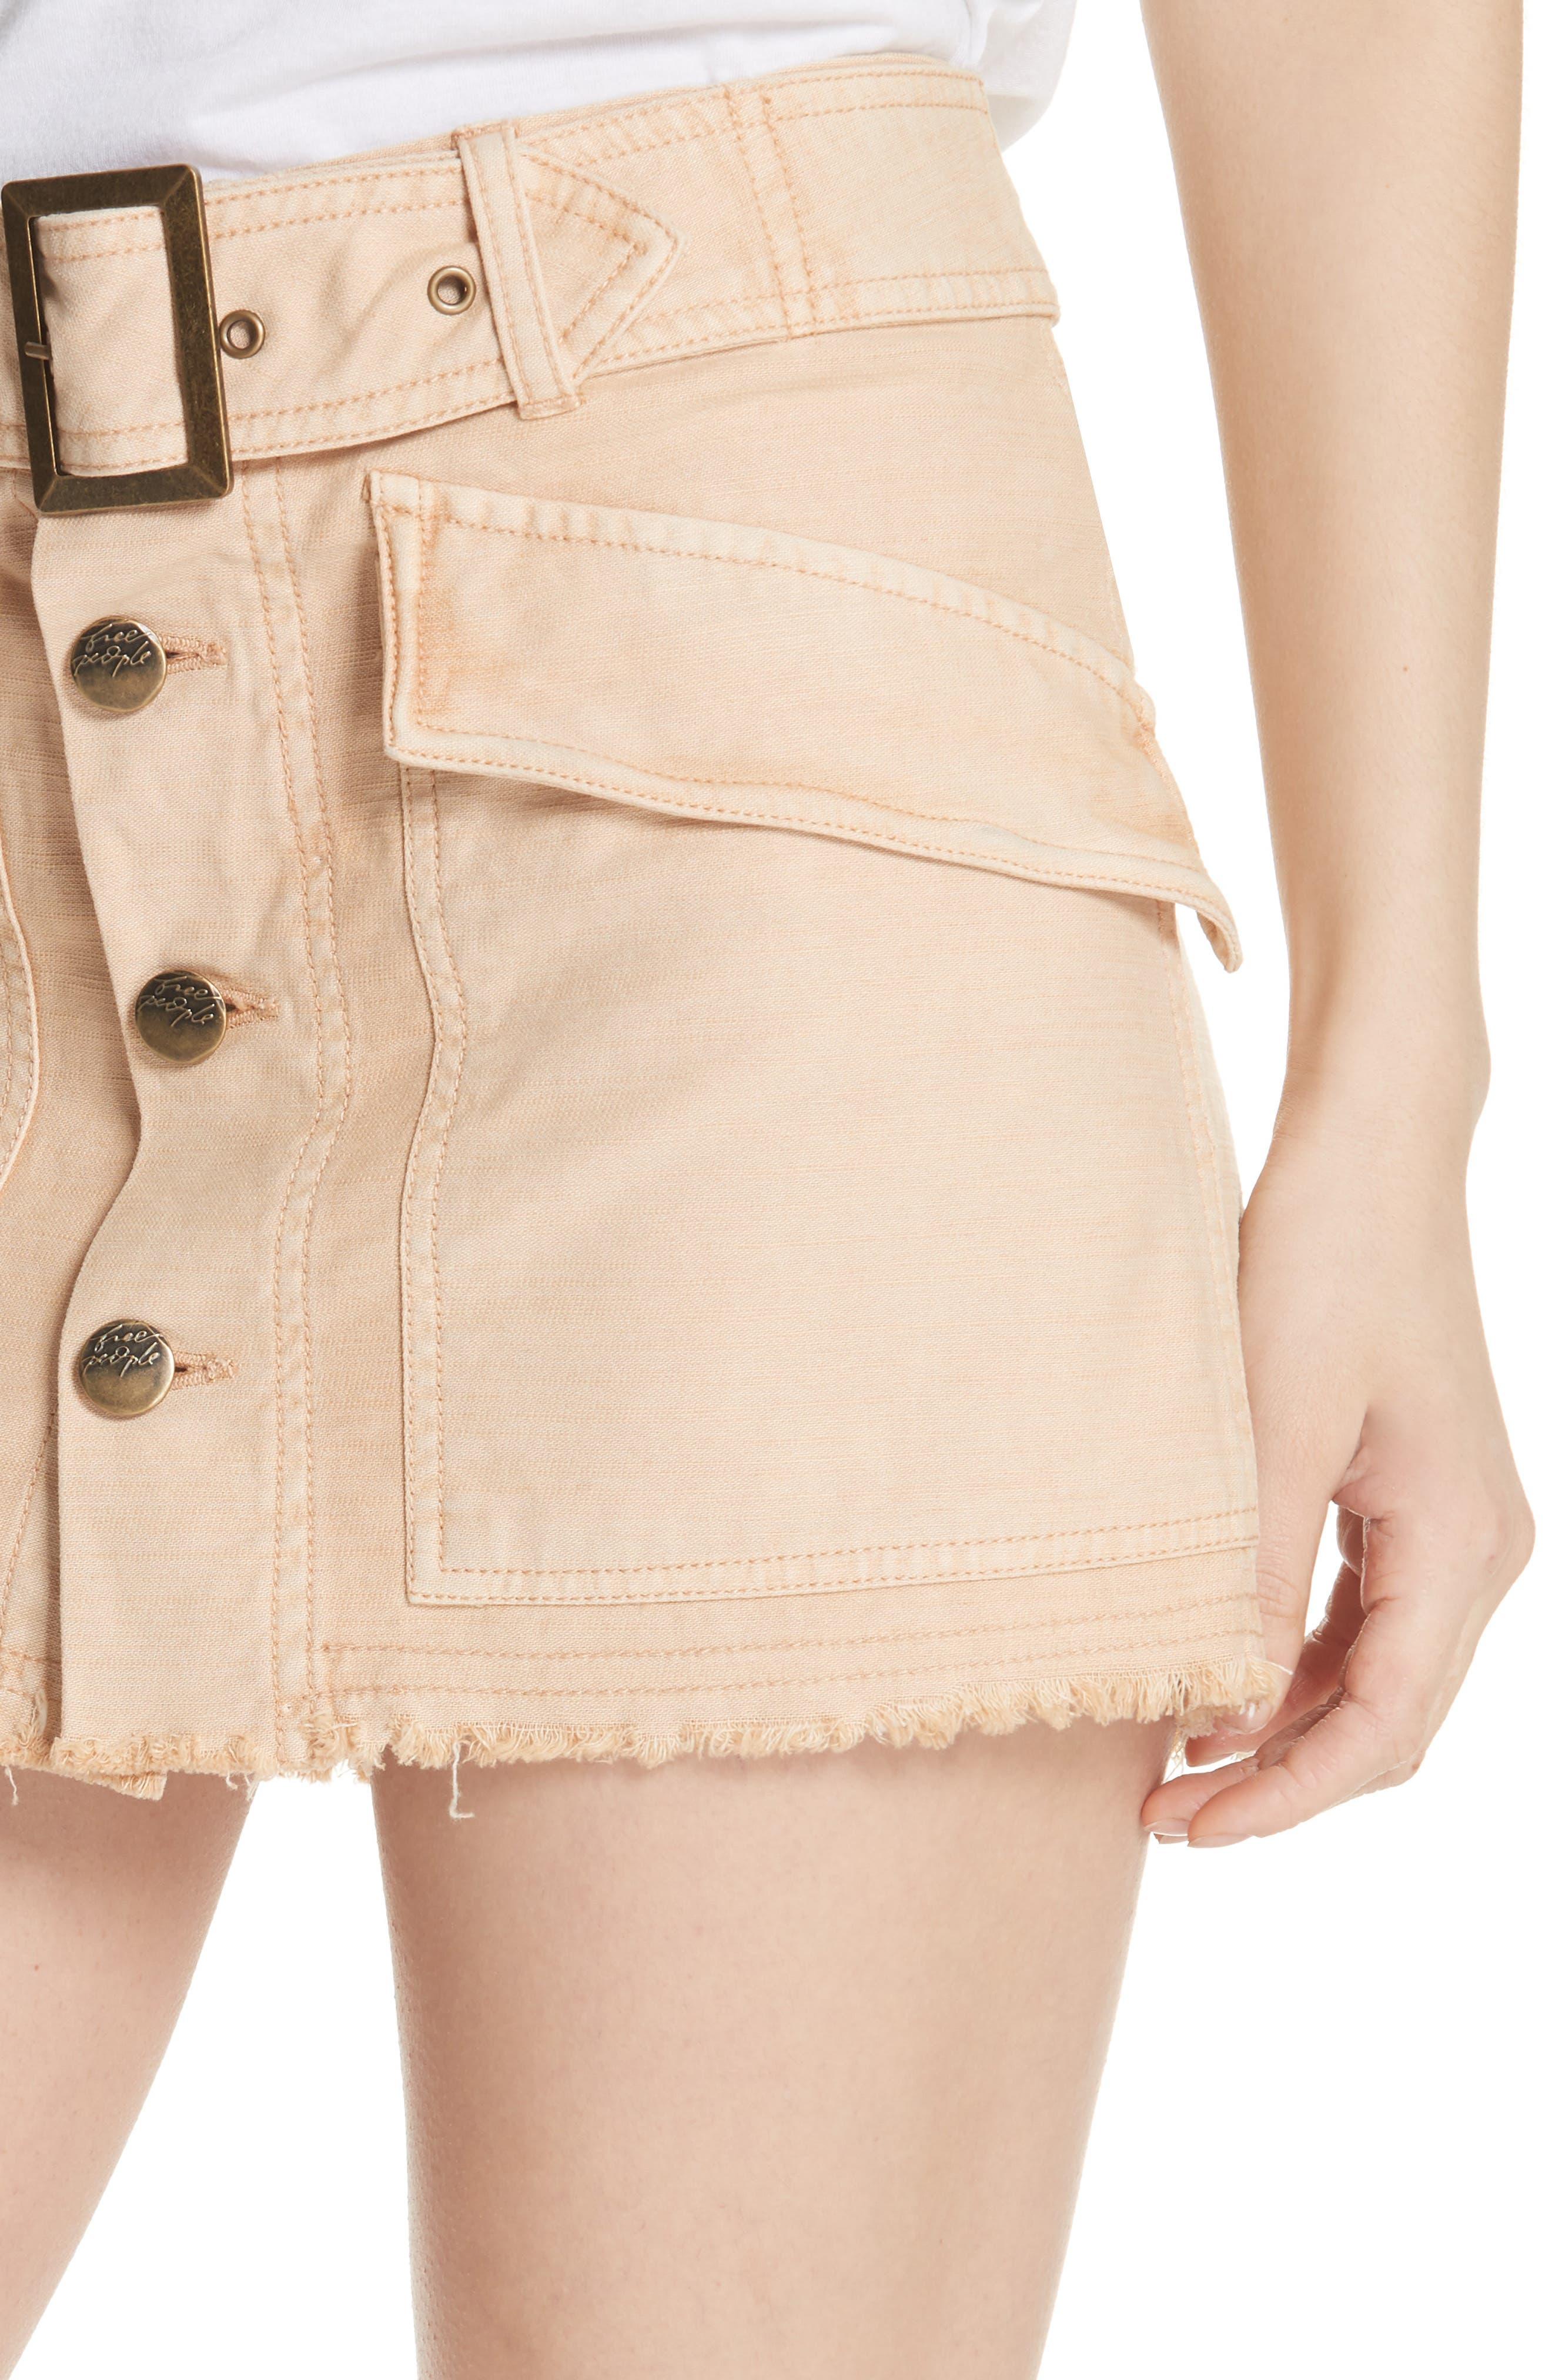 Hangin' On Tight Miniskirt,                             Alternate thumbnail 4, color,                             Nude